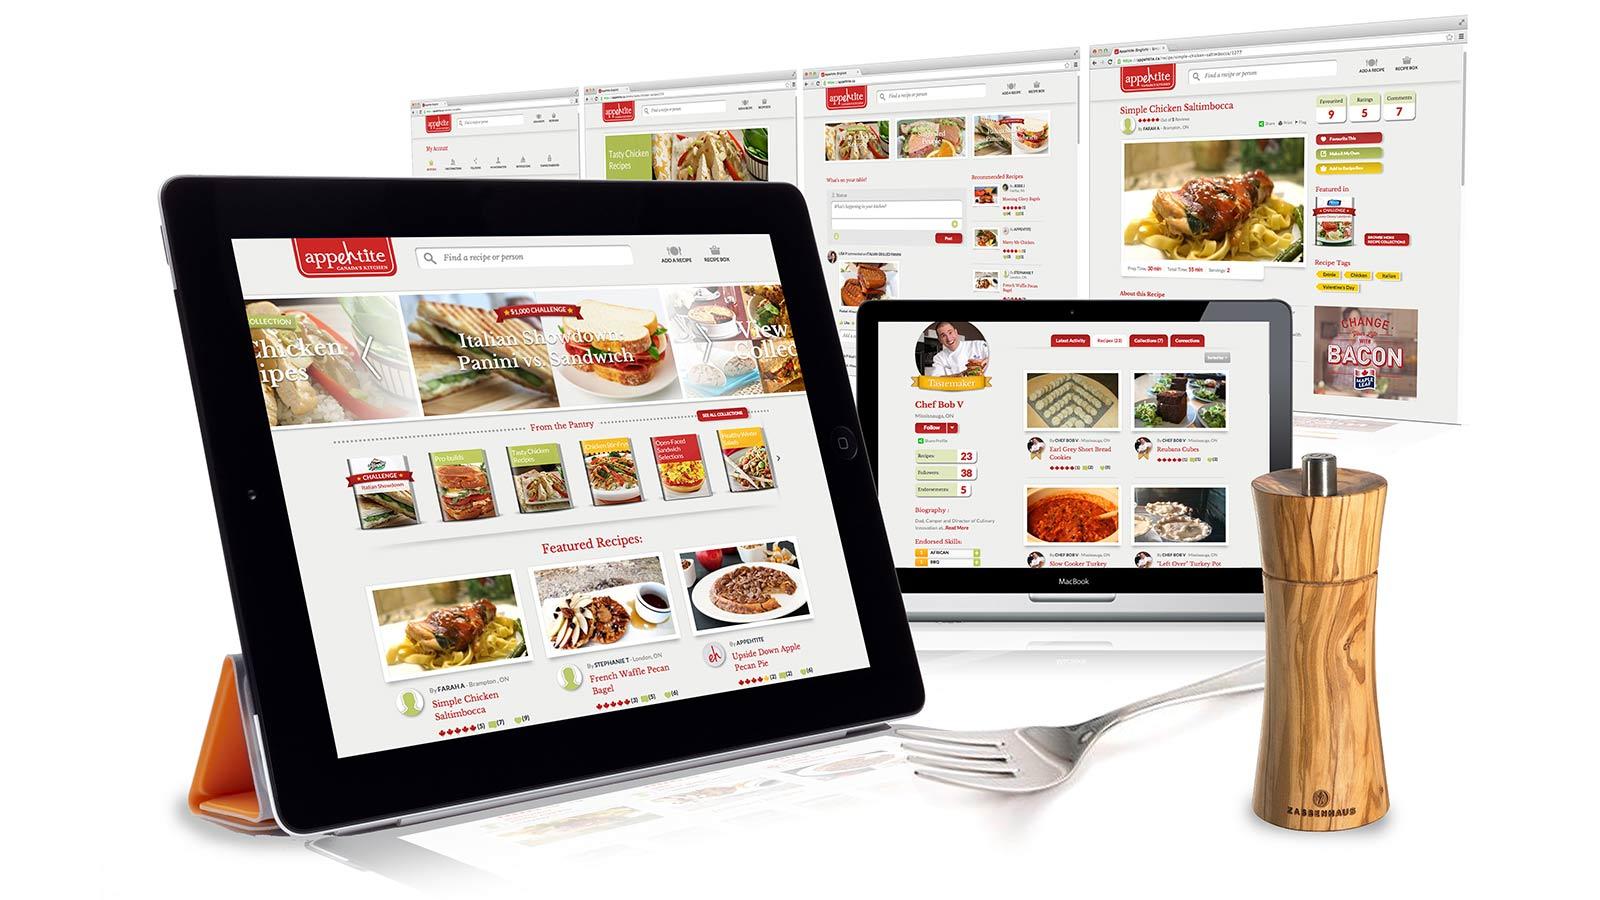 Les aliments Maple Leaf | Hub social de recettes | Conception de sites Web / Développement, Développement de site web, Développement d'application, Innovation numérique, Marketing numérique, Mobile, Responsive Web Design, Stratégie